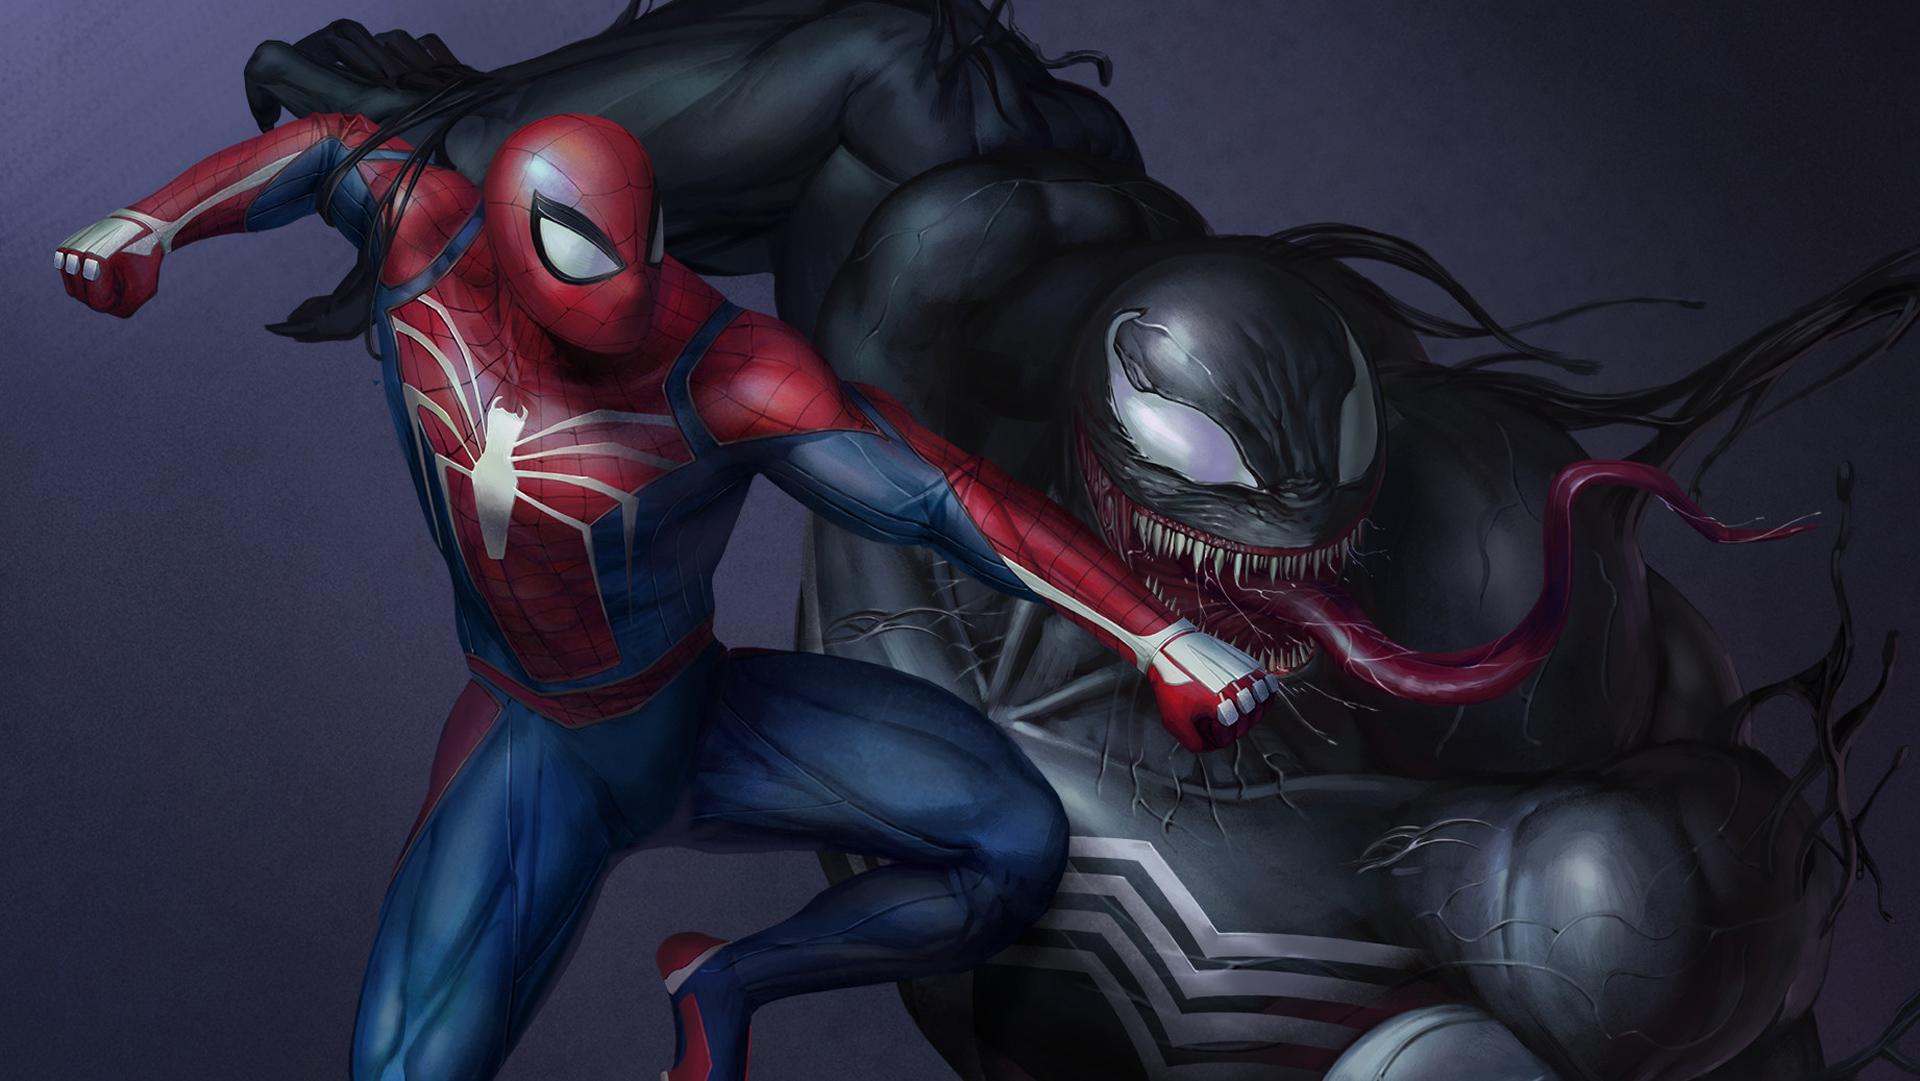 Spiderman Vs Venom Artwork Hd Hd Superheroes 4k Wallpapers Images